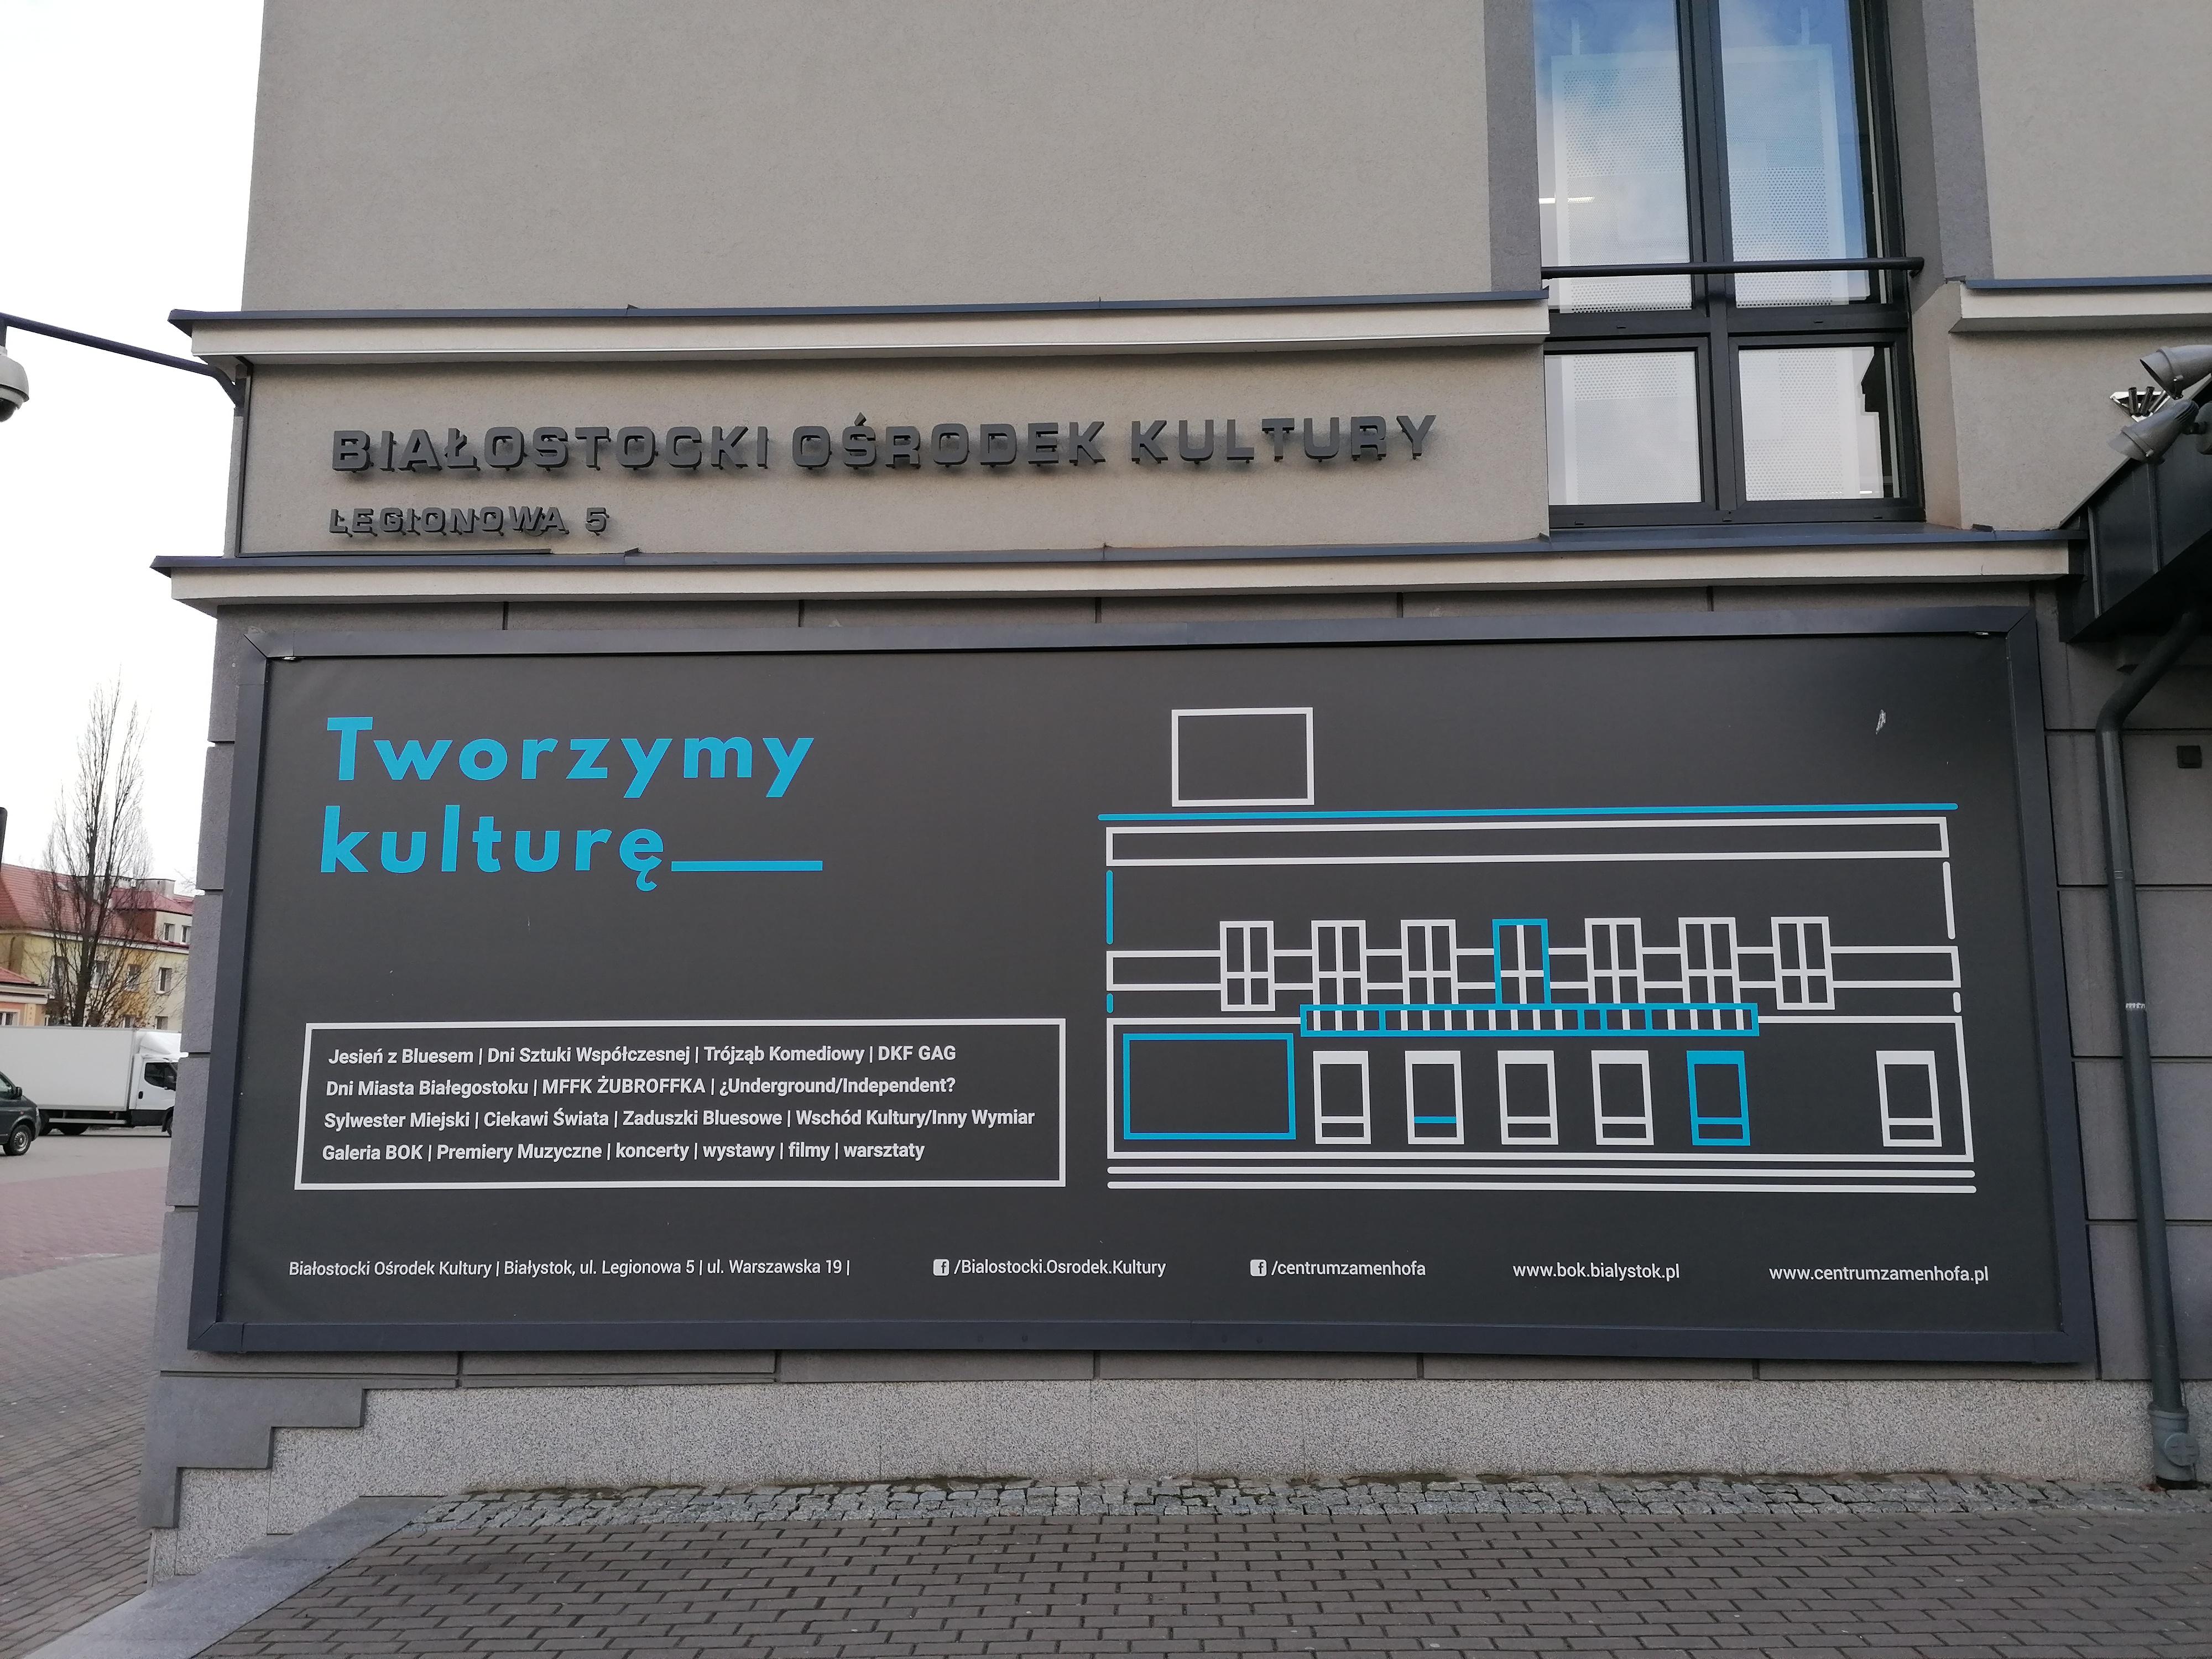 Budynek Białostockiego Ośrodka Kultury. Na ścianie znajduje się bilbord z napisem Tworzymy kulturę